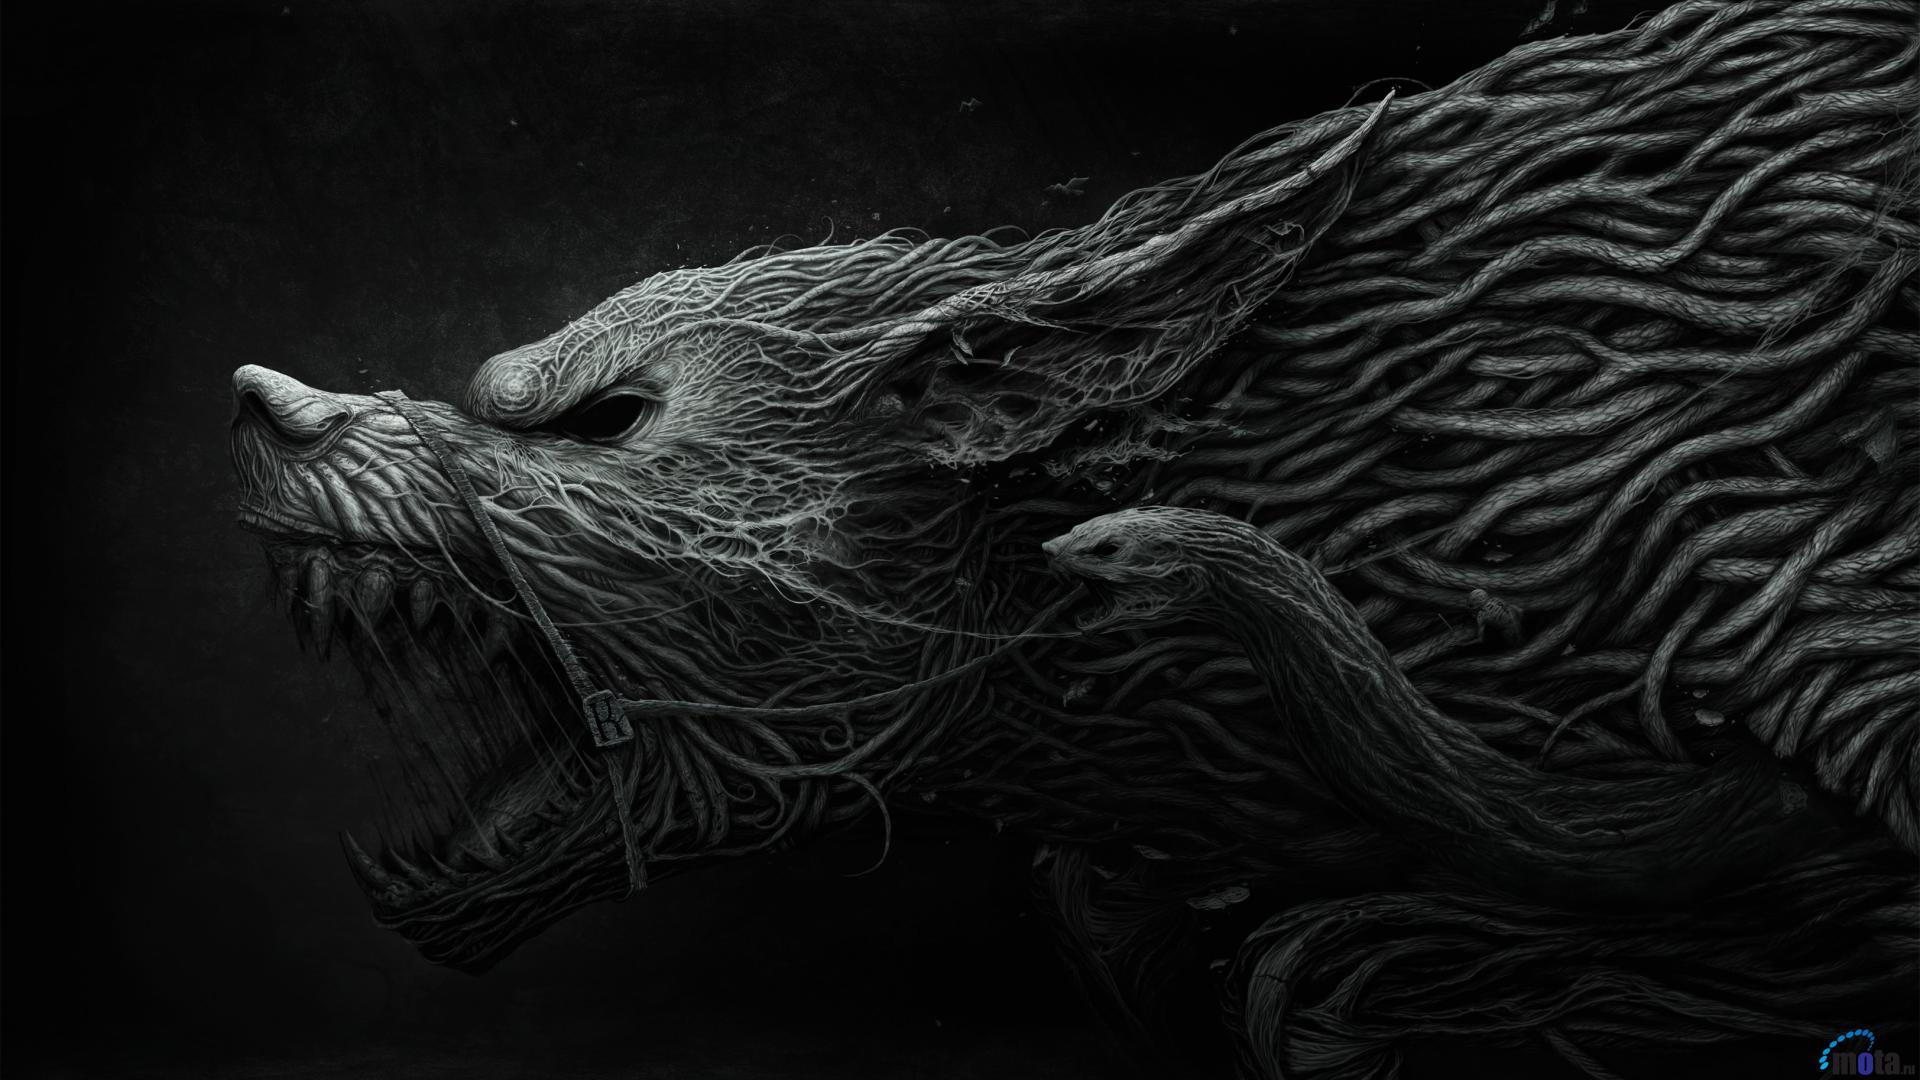 30 Dark Pictures Dark Wallpapers Artaxerxes Norquay